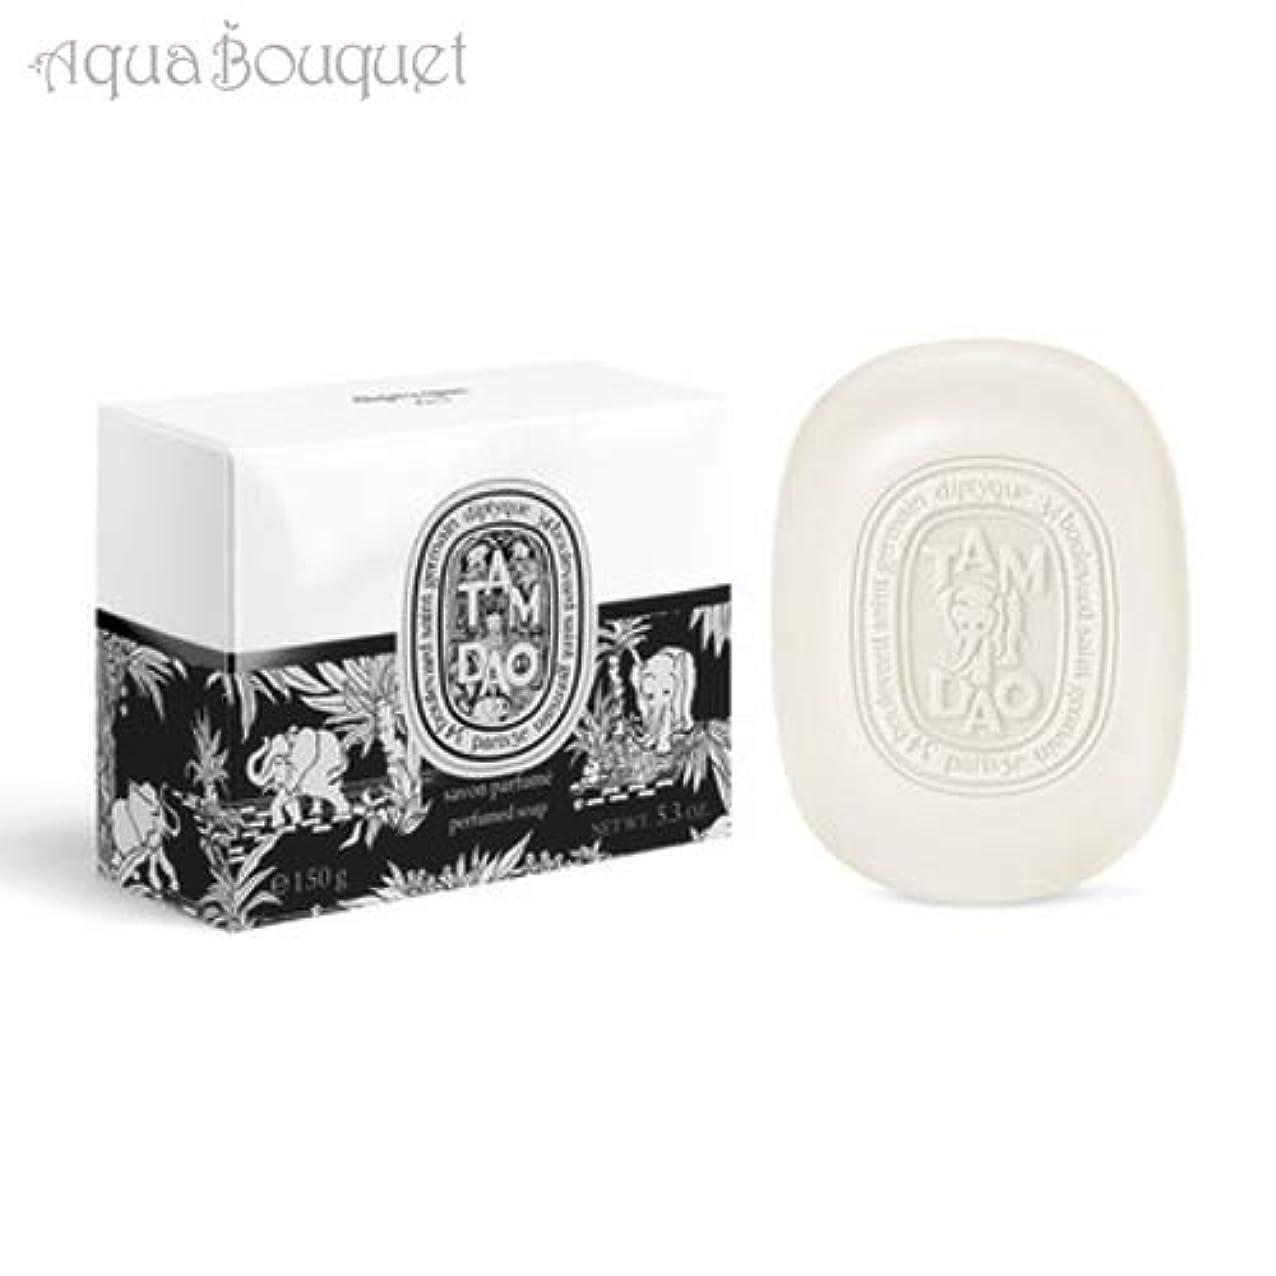 順応性足音遊び場ディプティック タムダオ ソープ 150g DIPTYQUE TAMDAO PERFUMED SOAP [8289] [並行輸入品]